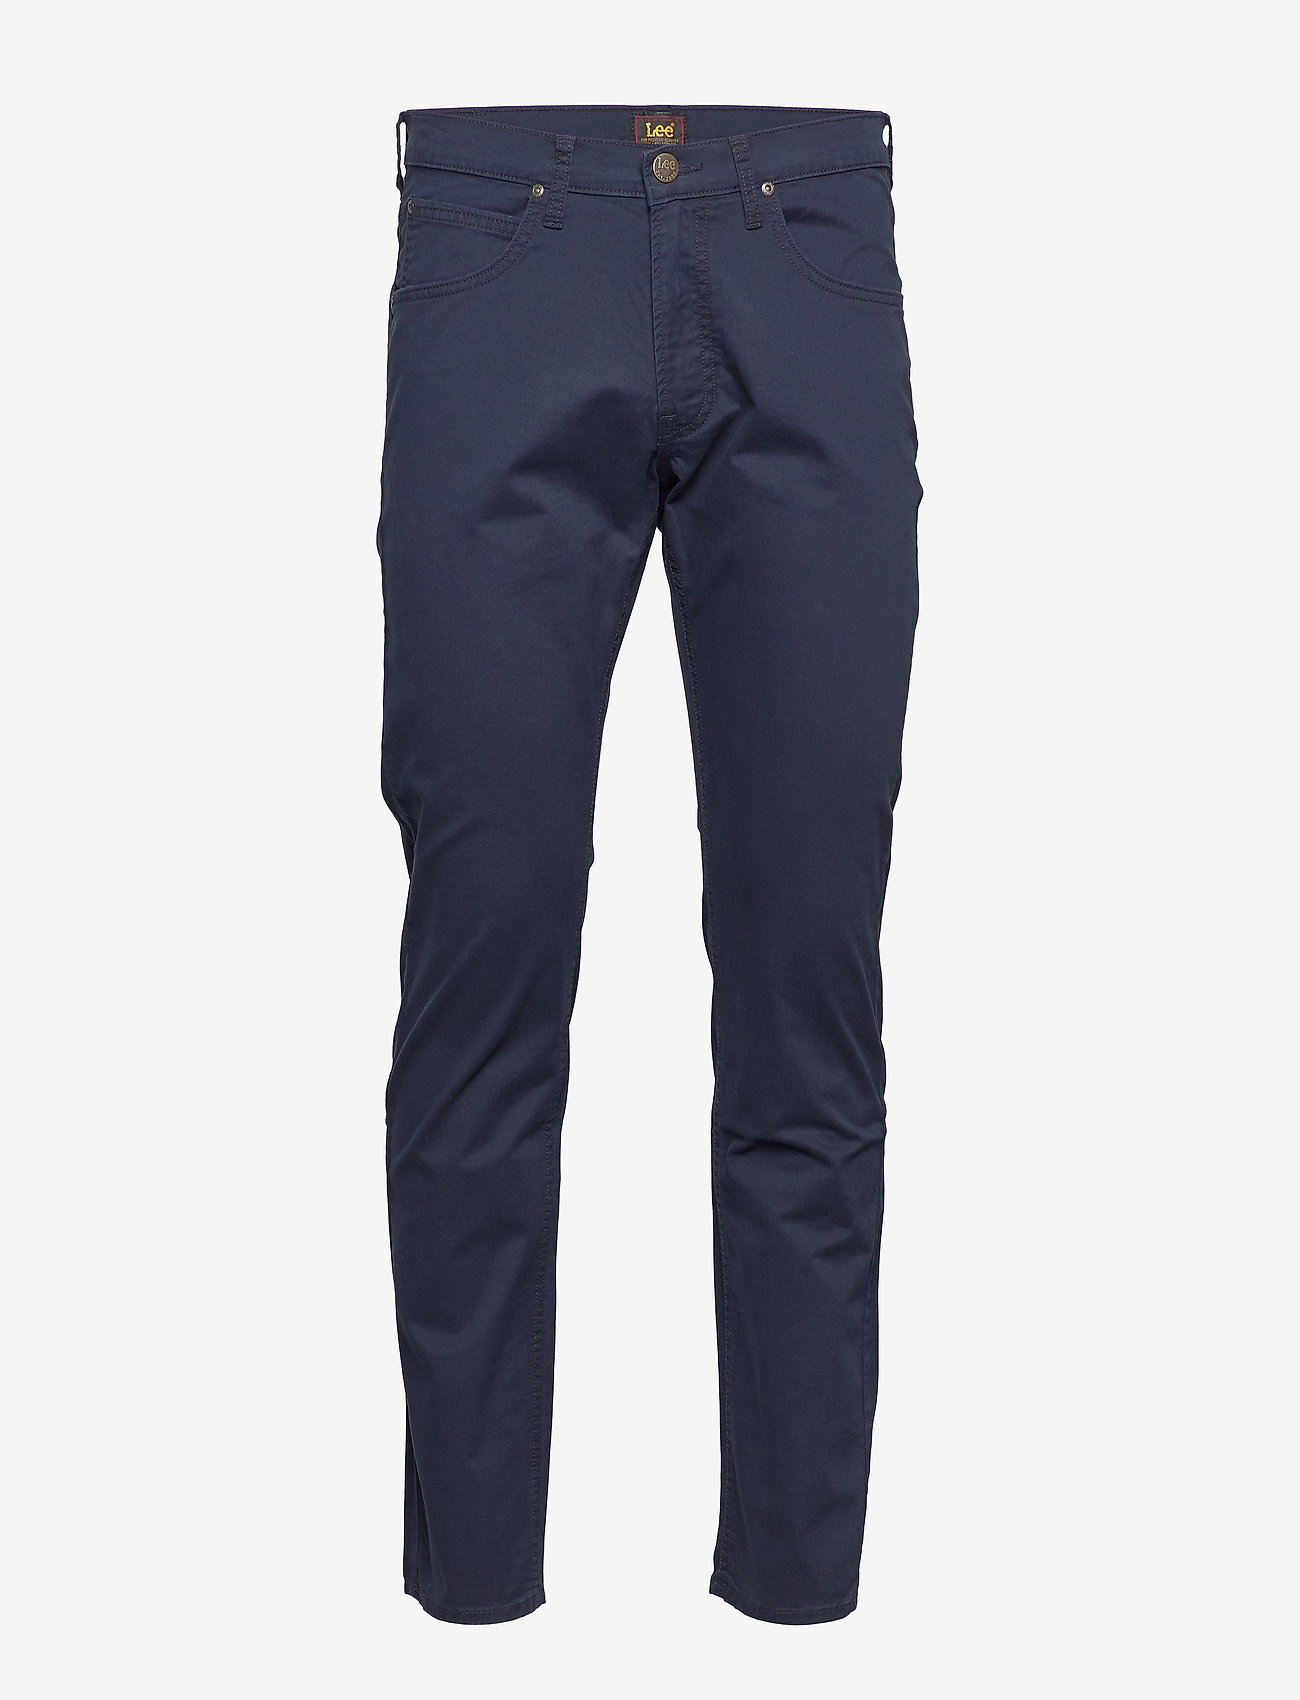 Lee Jeans - DAREN ZIP FLY - chinos - dark navy - 0